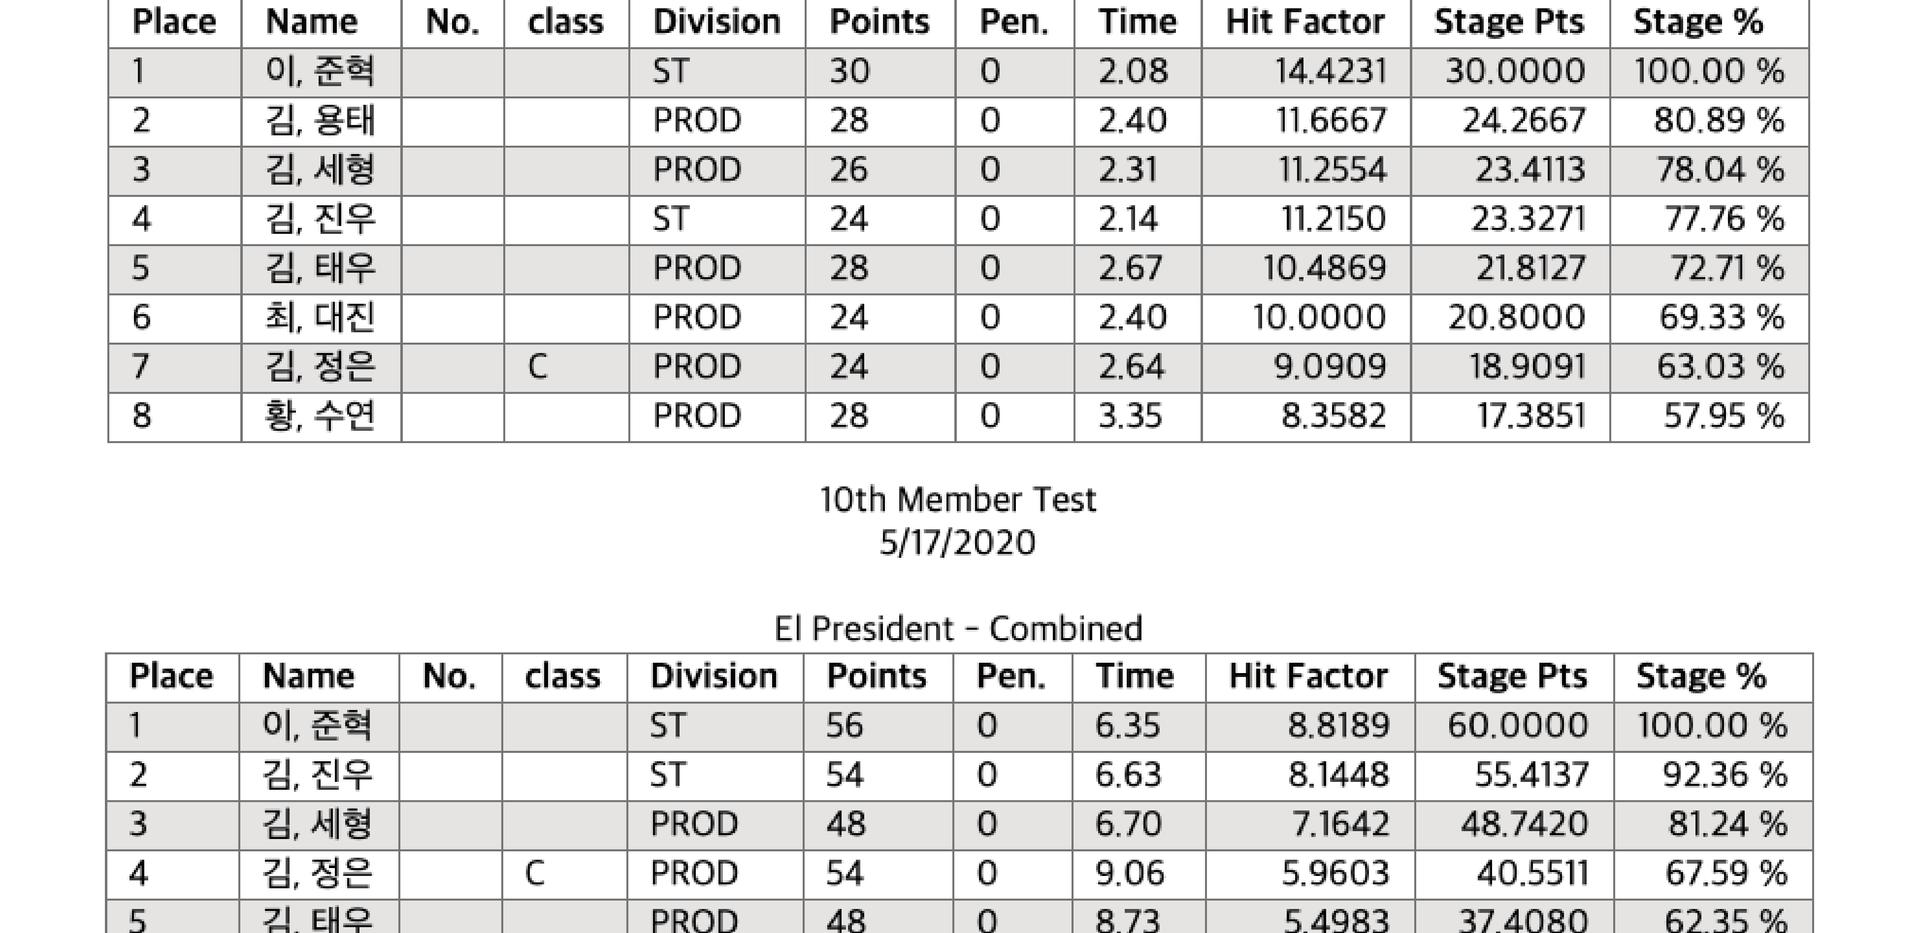 Bill Drill & El President Results